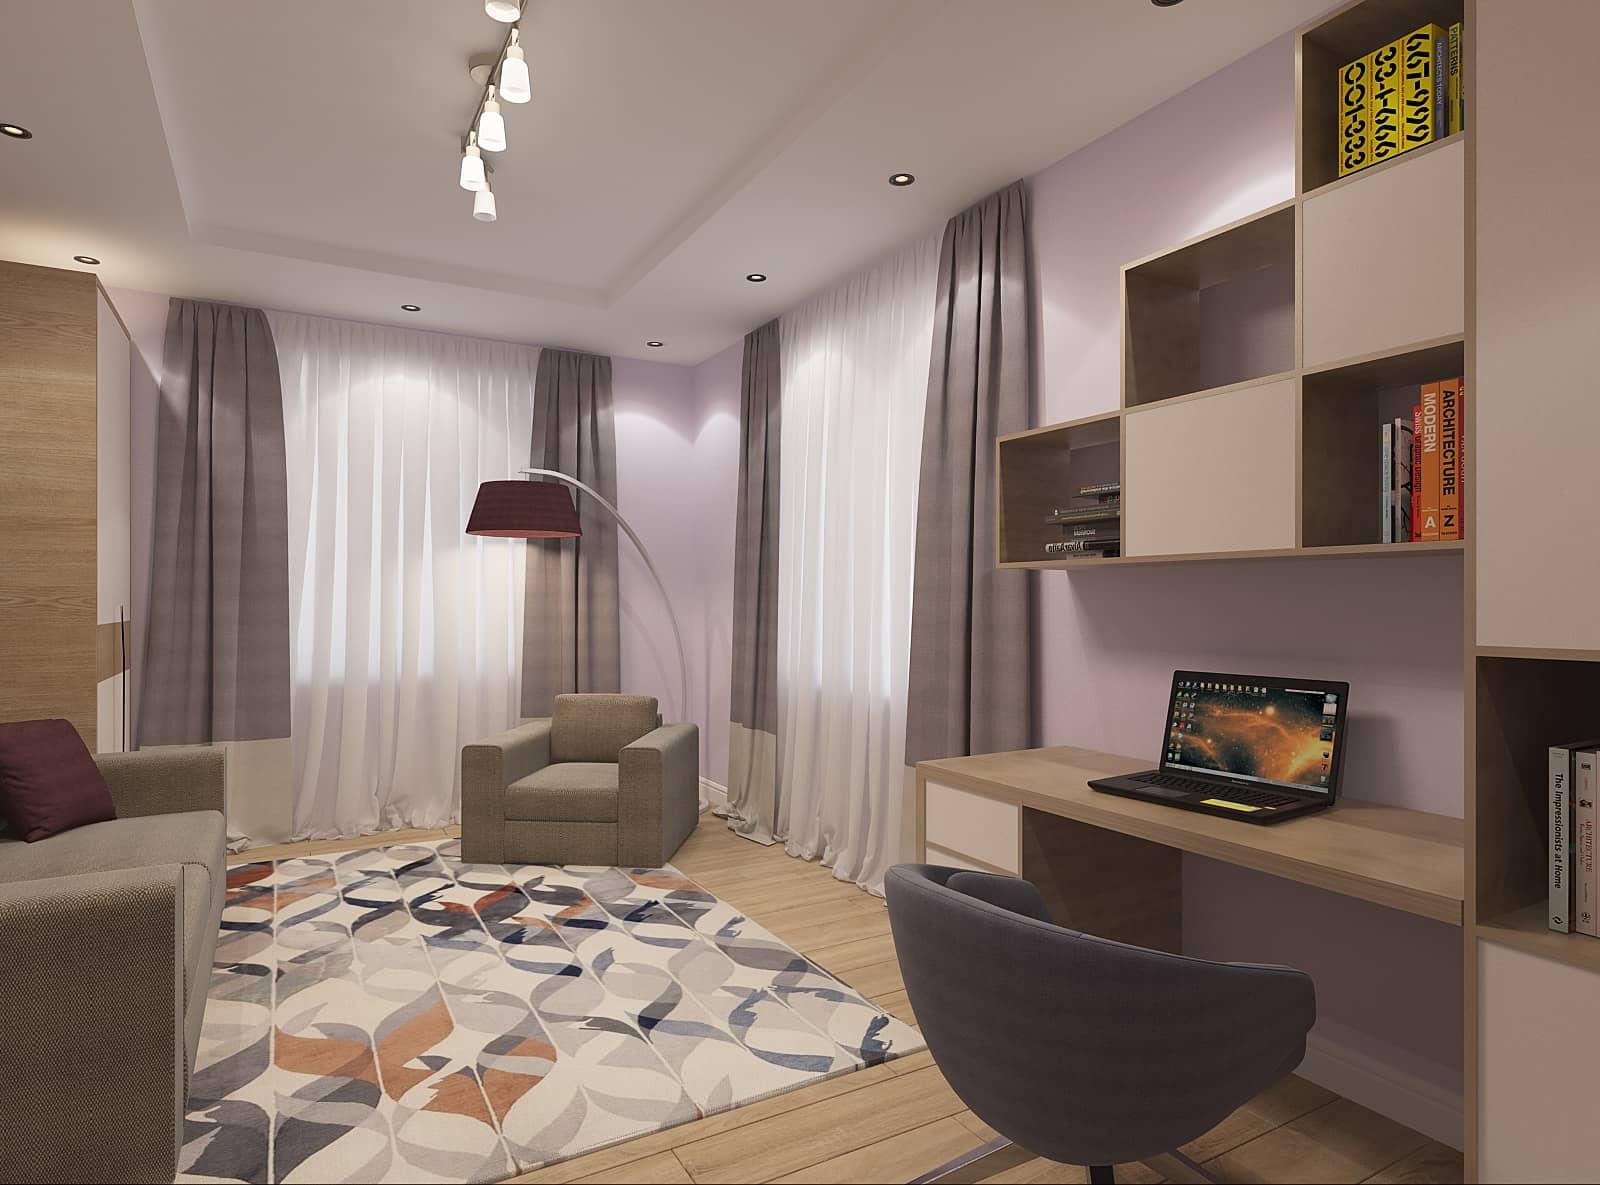 Дизайн квартири: фото 2